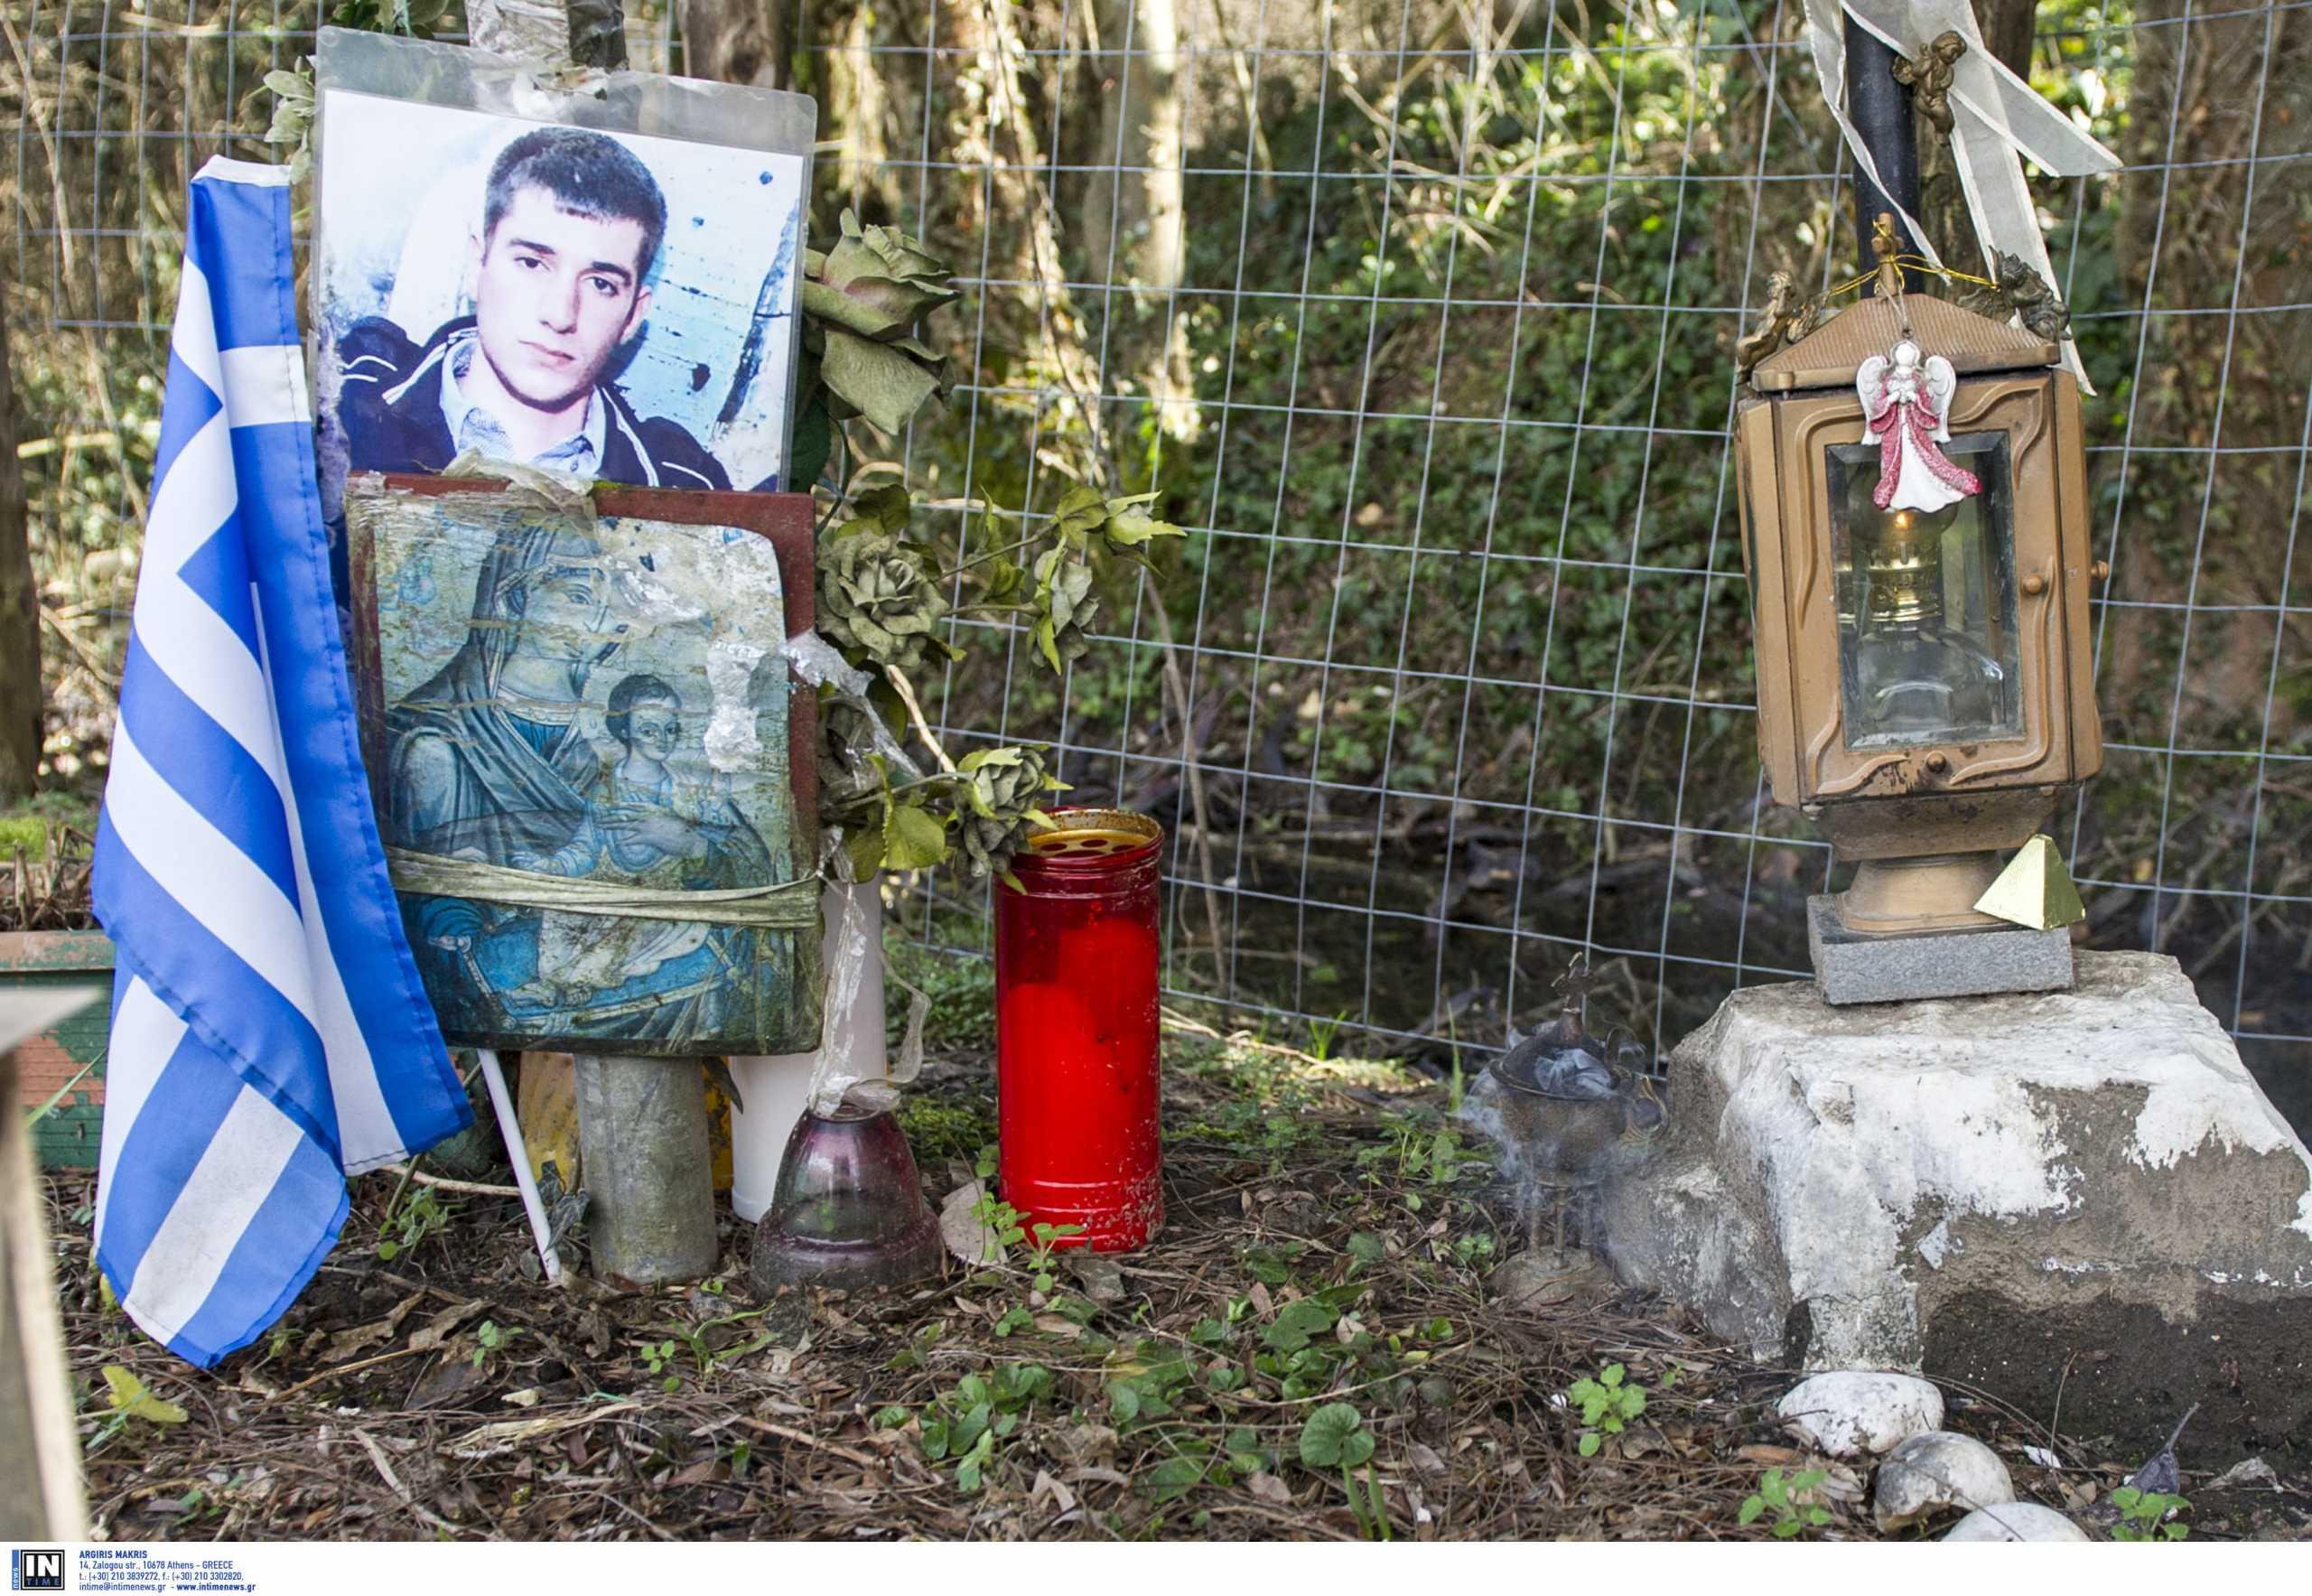 Βαγγέλης Γιακουμάκης: Την ενοχή των κατηγορουμένων πρότεινε η εισαγγελέας – «Θα ήθελα να είναι εδώ σήμερα»